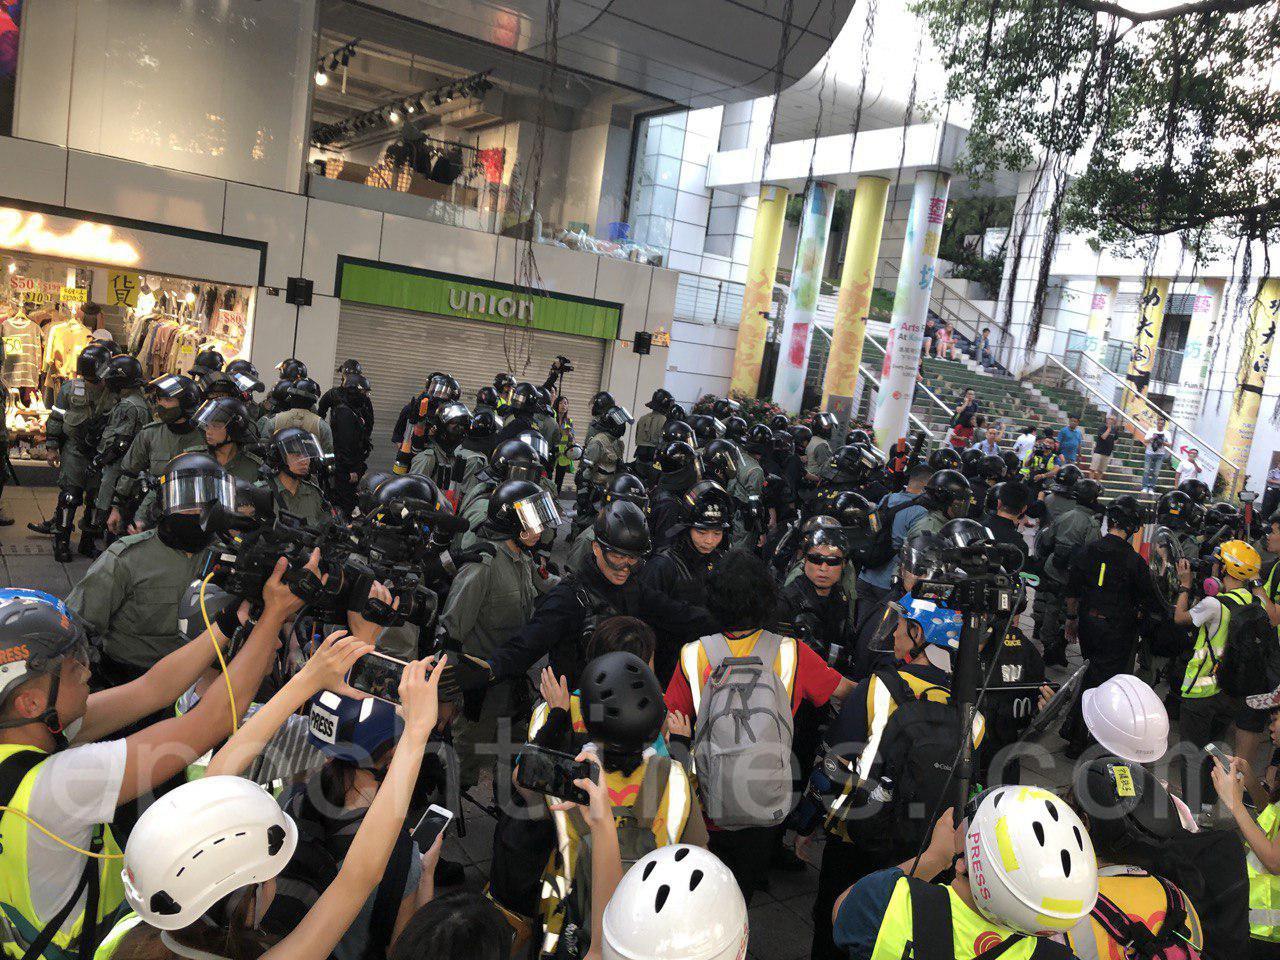 2日下午4時左右,香港市民在尖沙嘴舉行集會,大批防暴警察到場一路盤查戴口罩市民,引發市民不滿。(余天佑/大紀元)